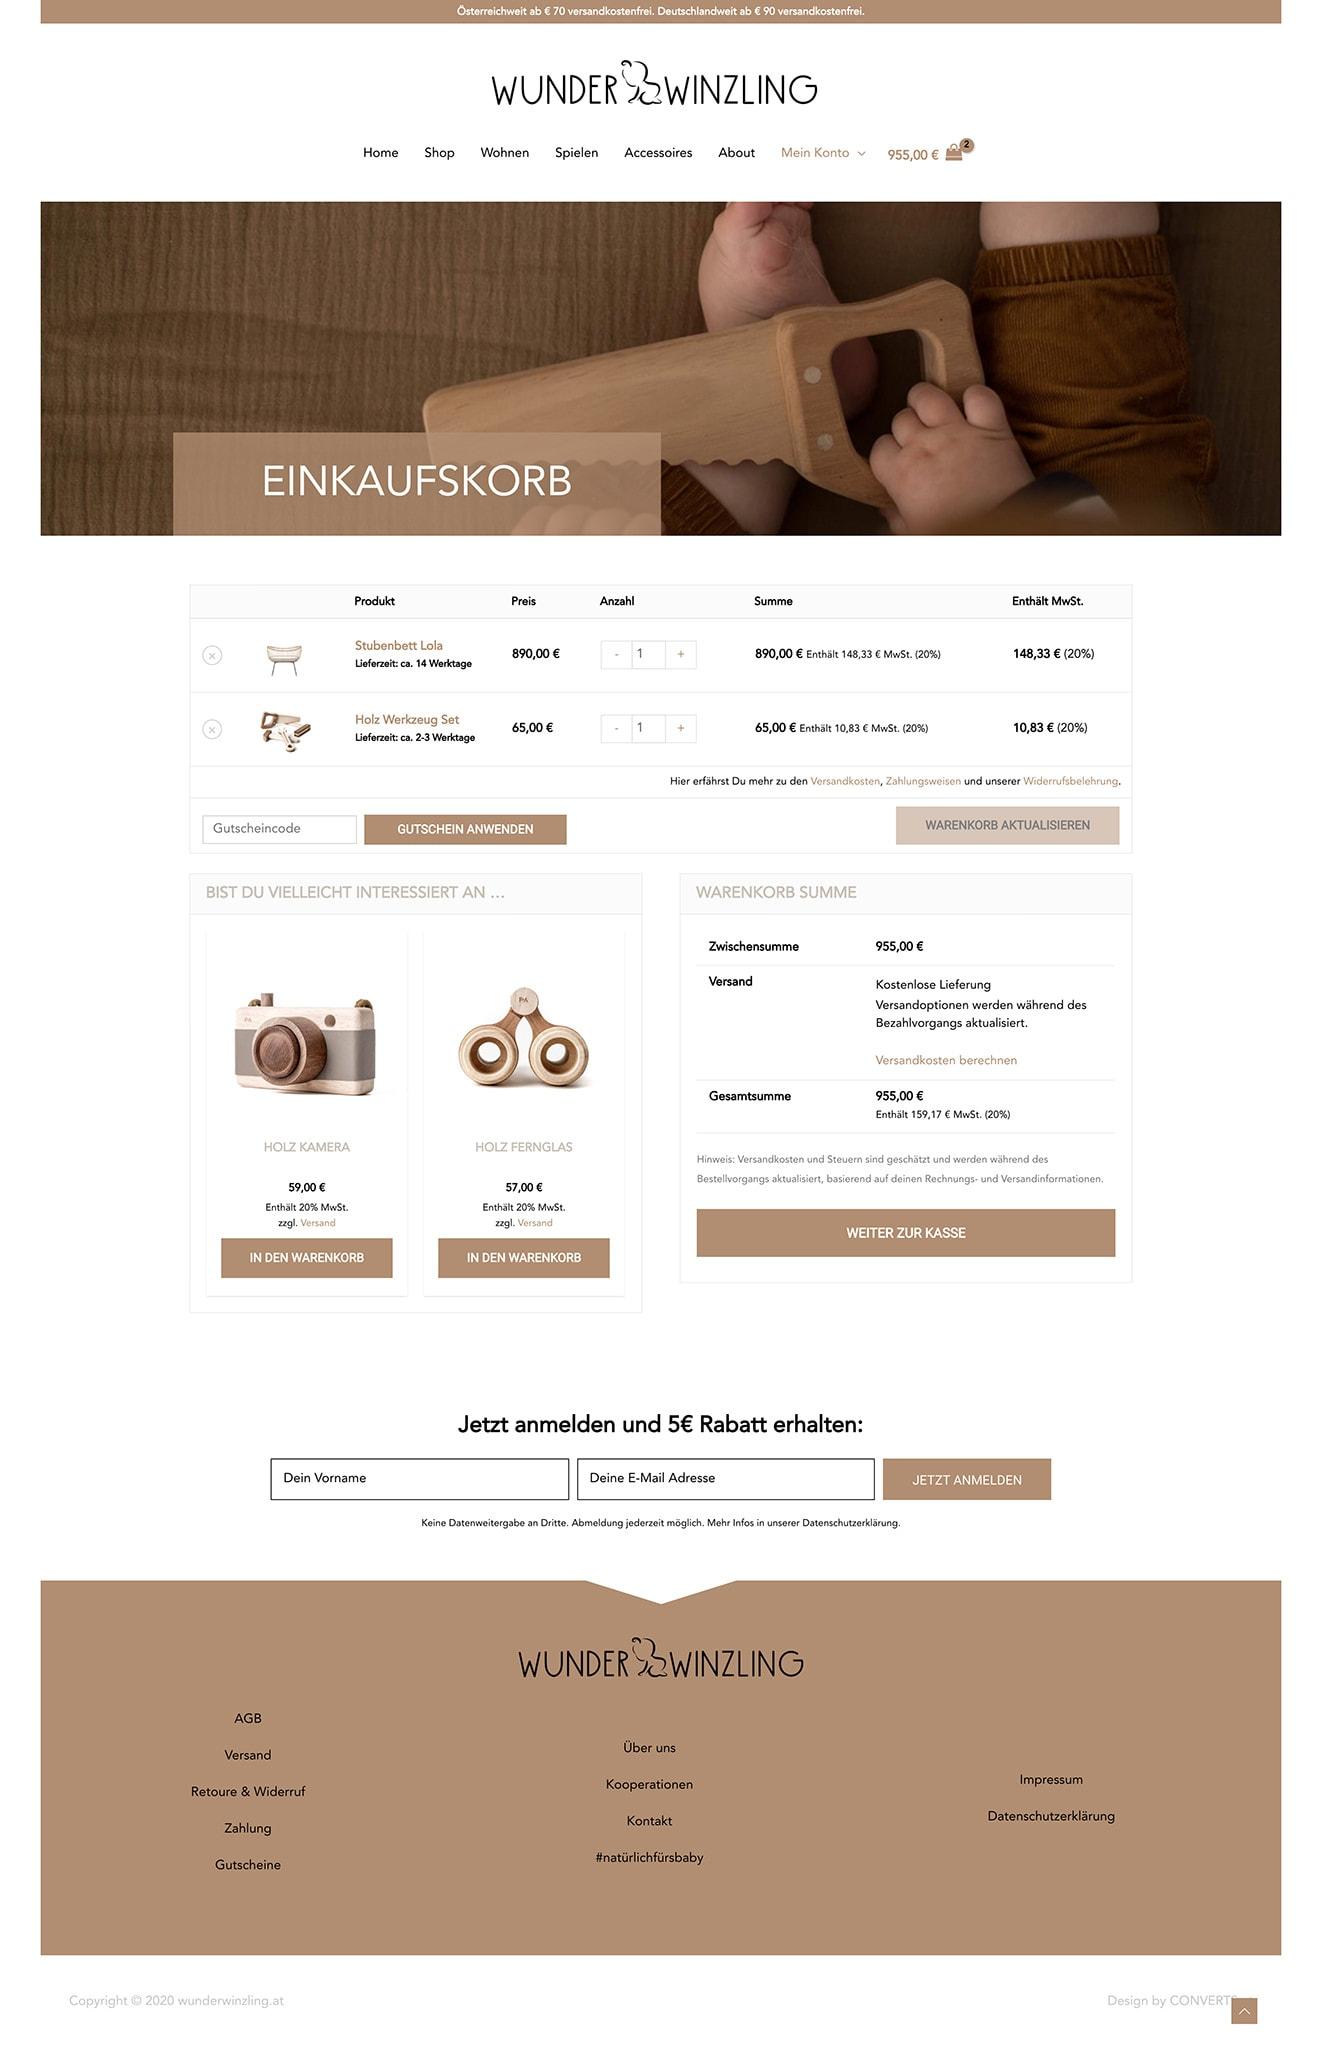 Webdesign Onlineshop Wunderwinzling Baby